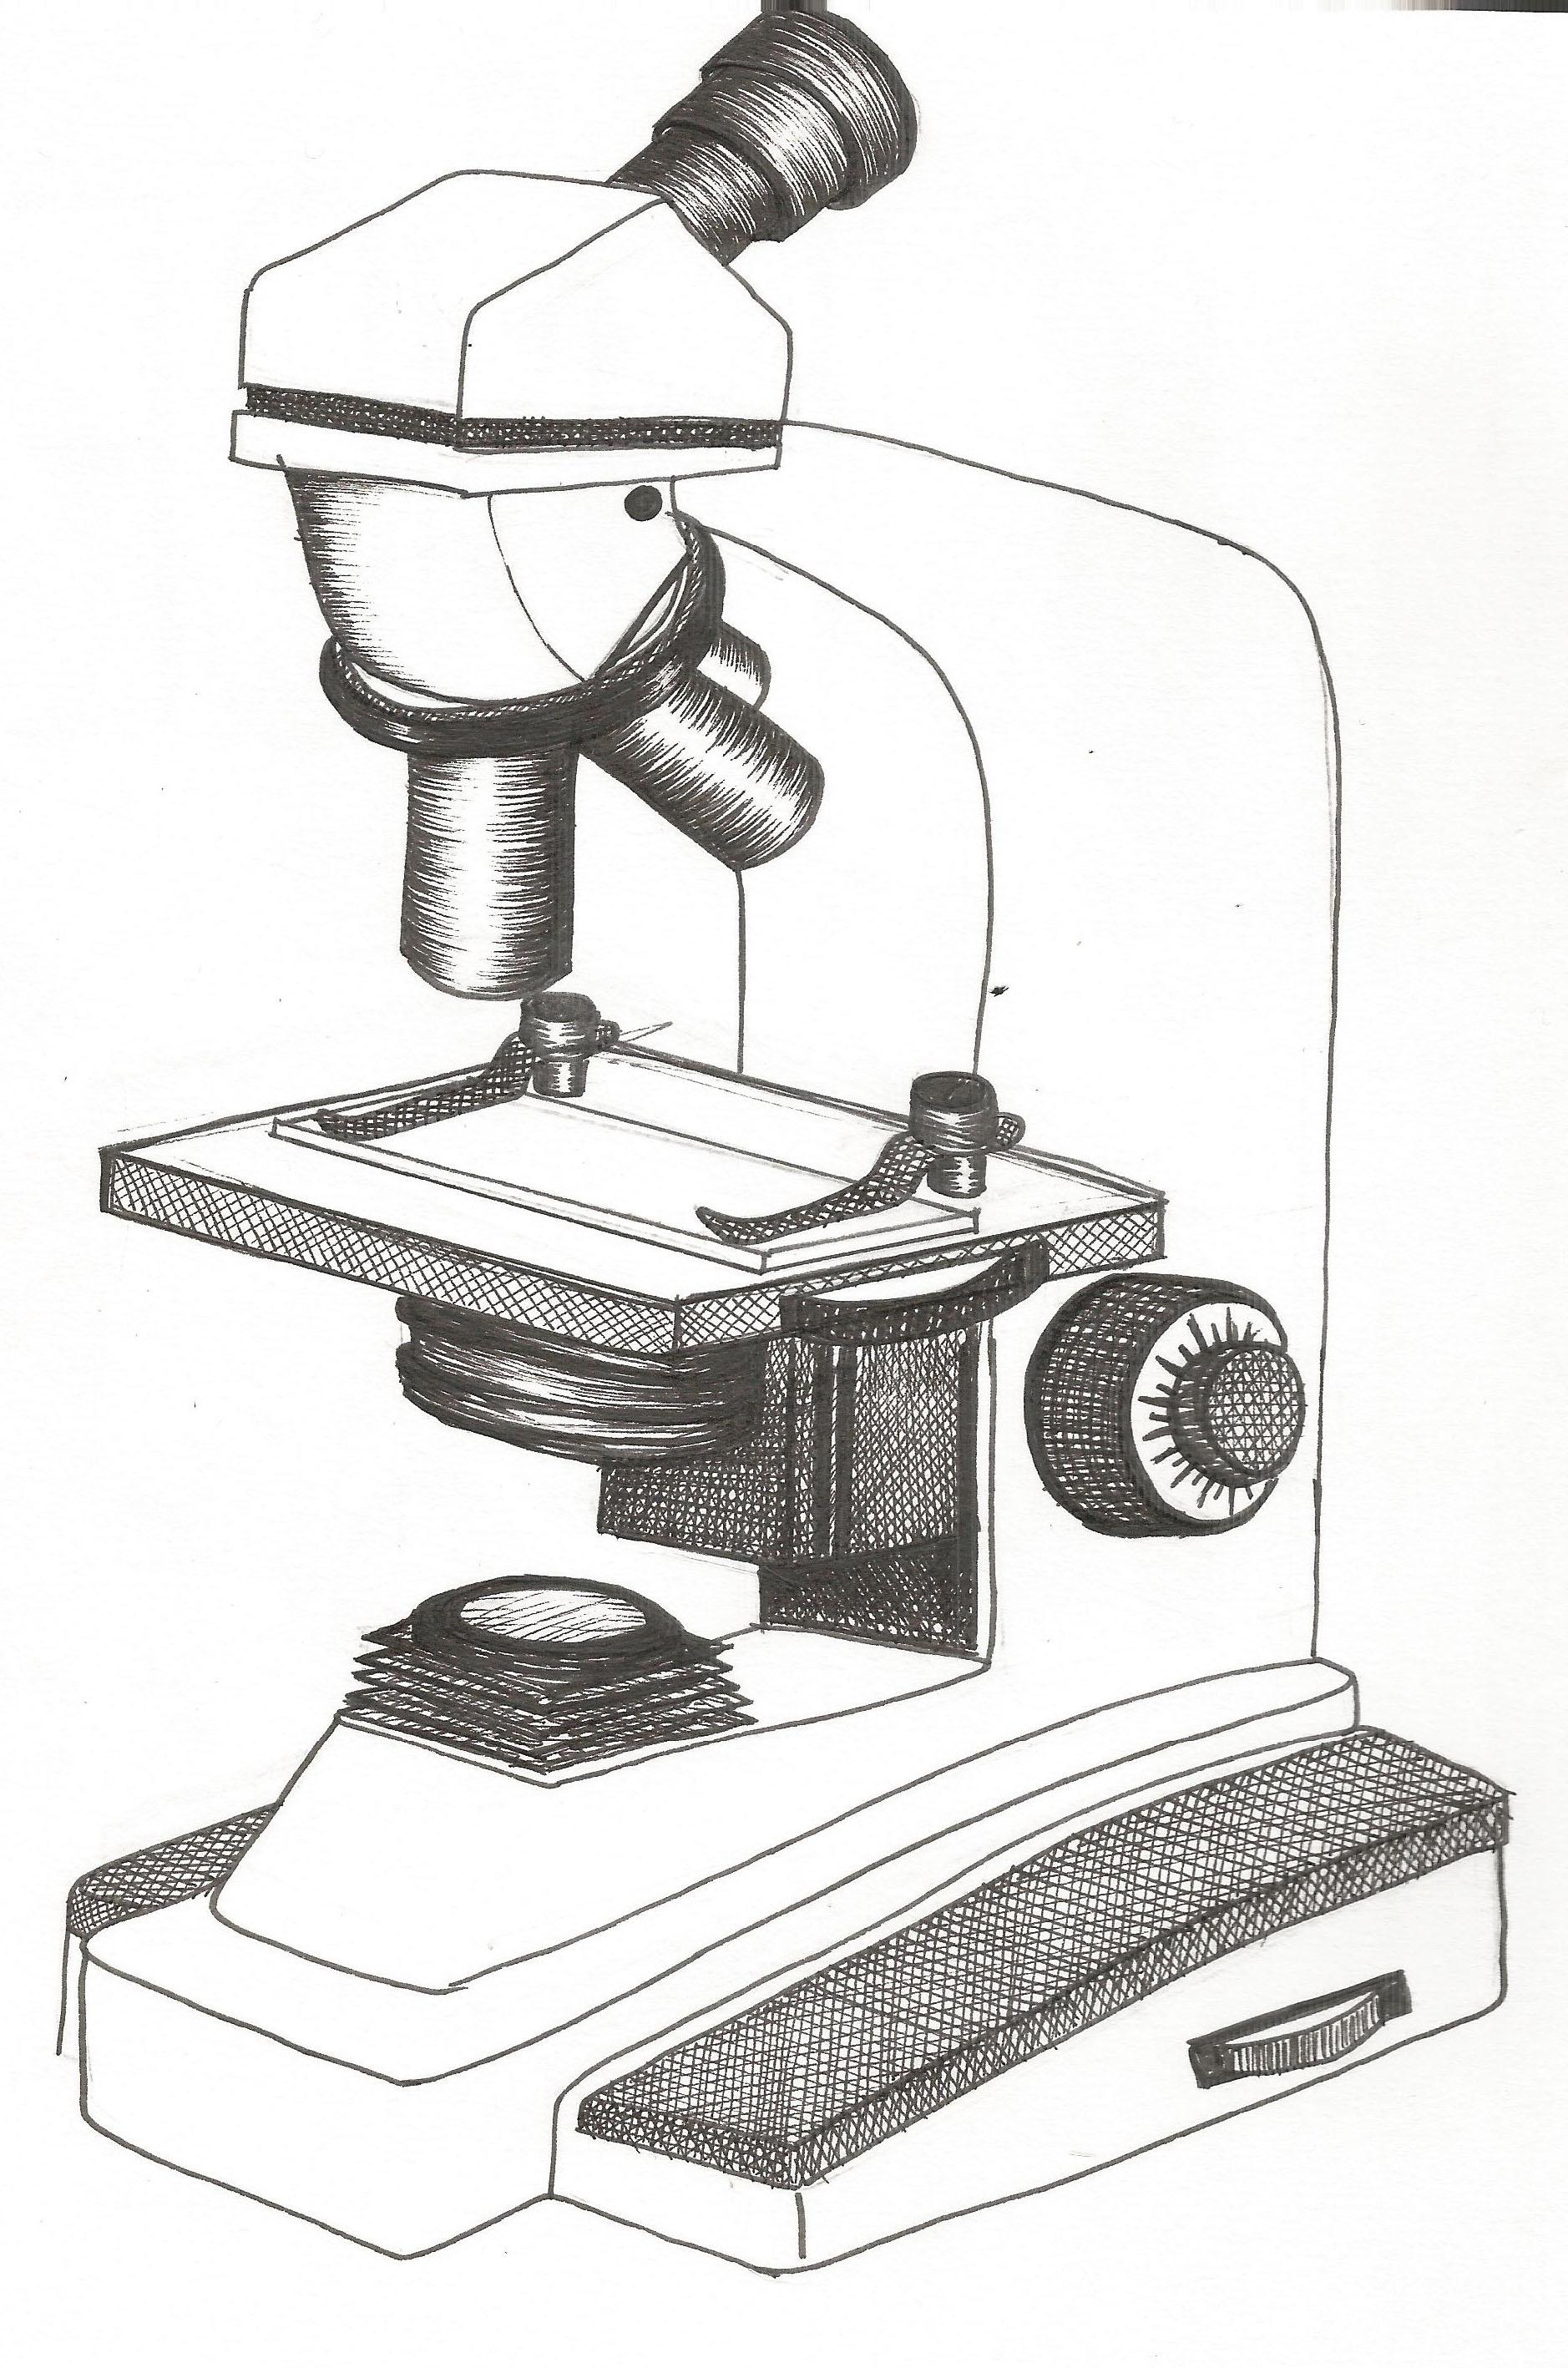 Нарисованные картинки микроскопов